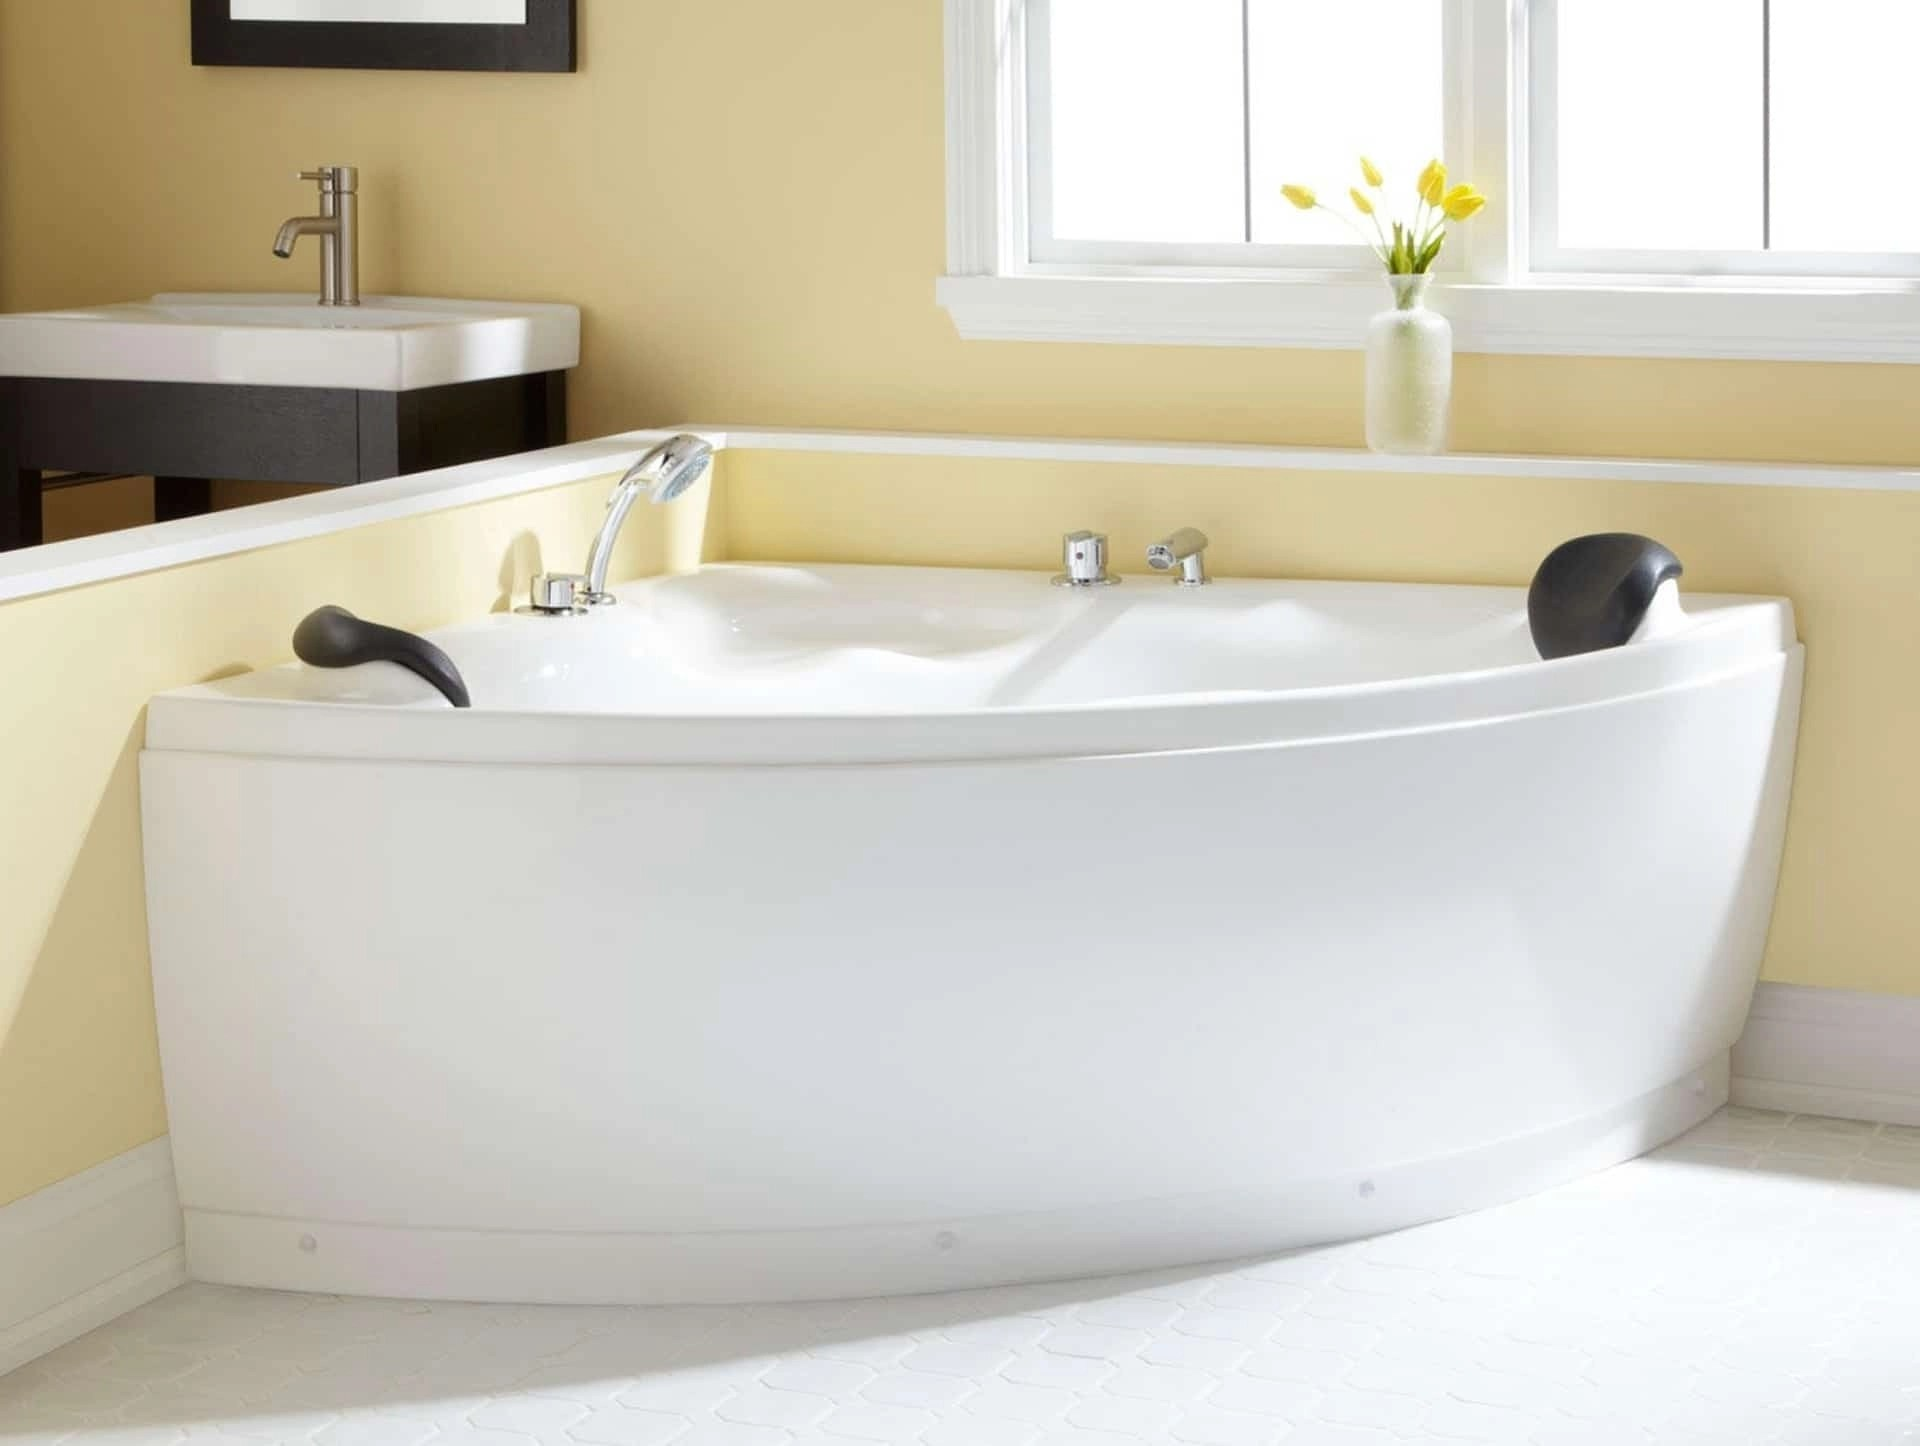 corner freestanding tub ideas on foter